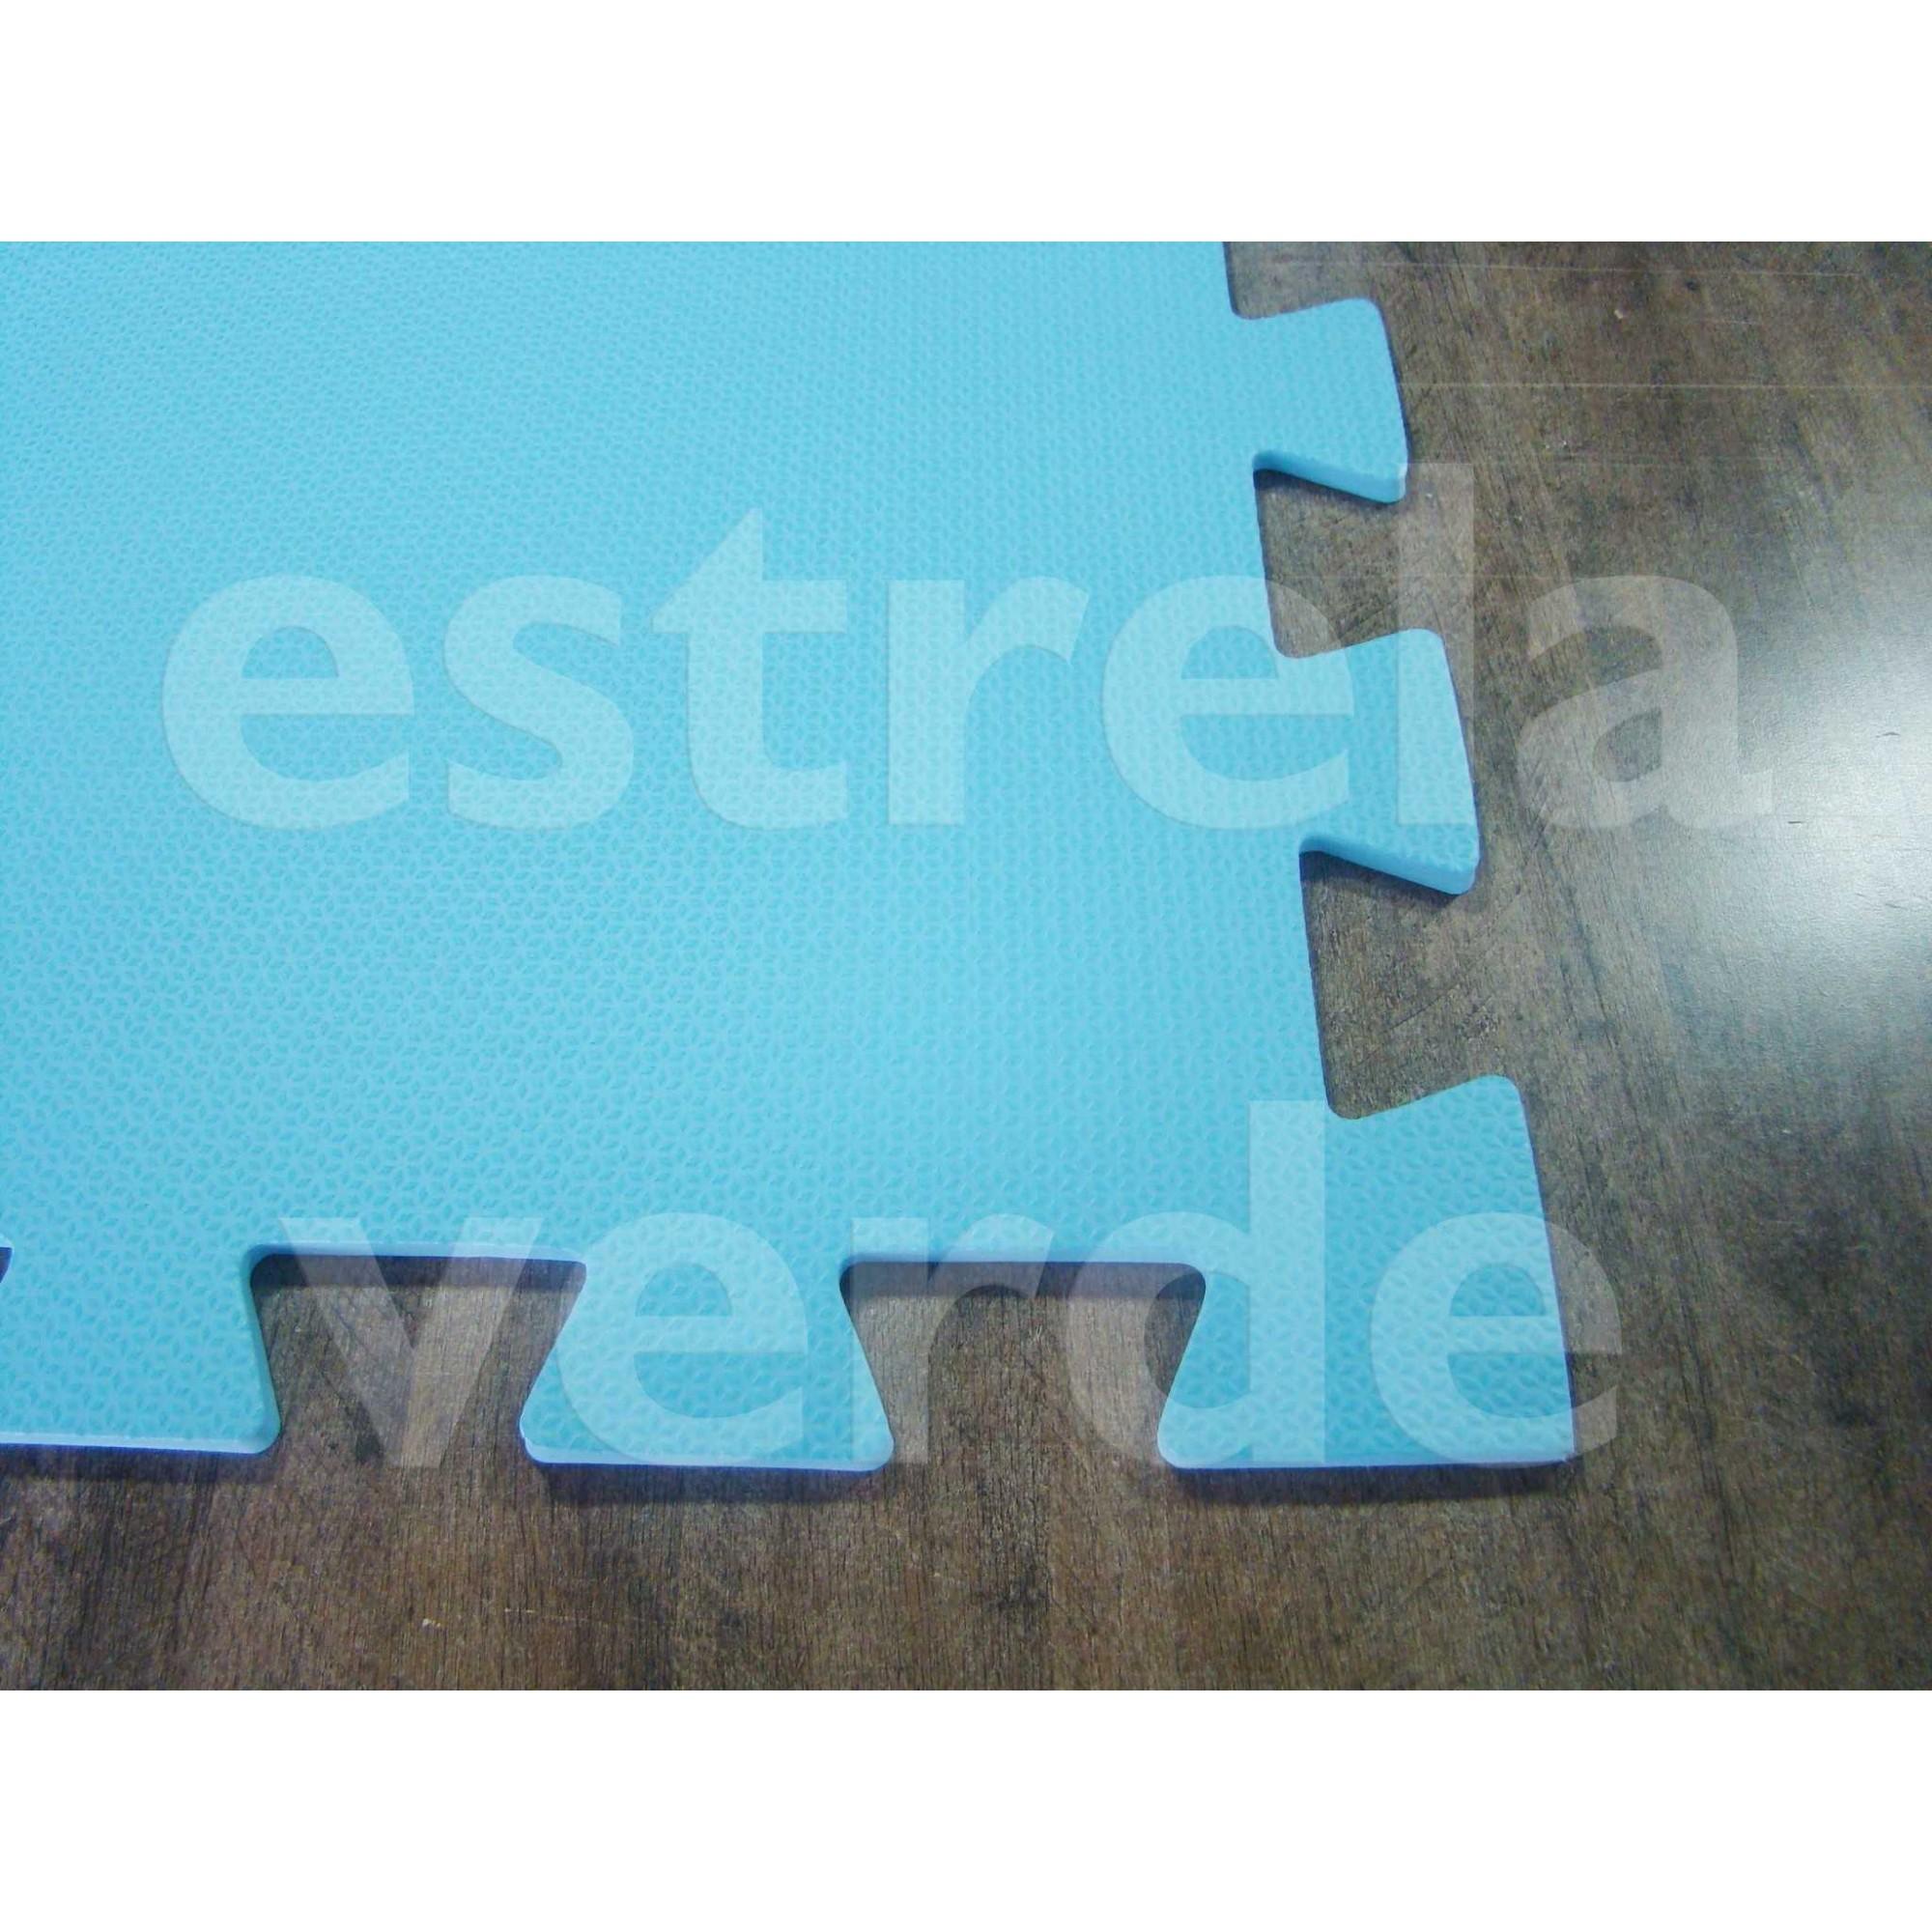 EVA TATAME 10MM AZUL CLARO  - Estrela Verde